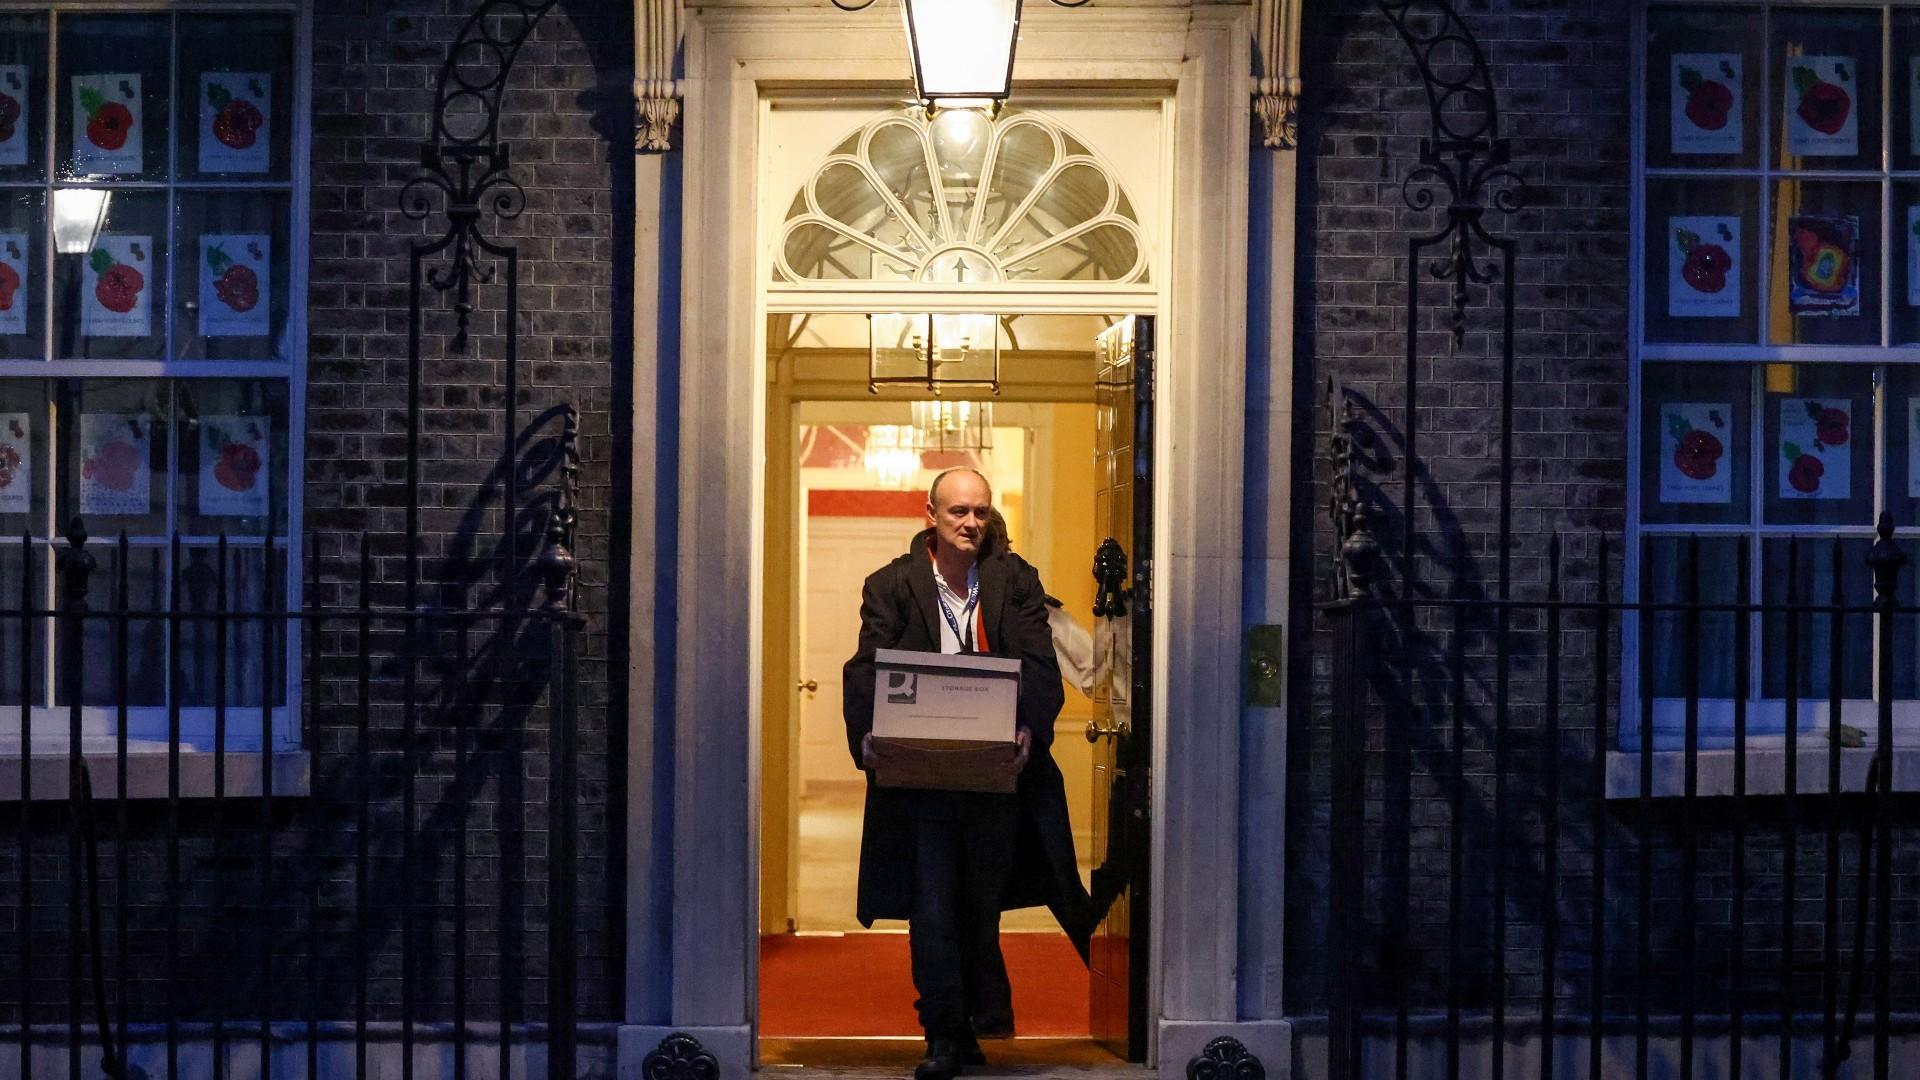 Dimite Dominic Cummings, principal asesor de Johnson y artífice de la victoria del 'Brexit'